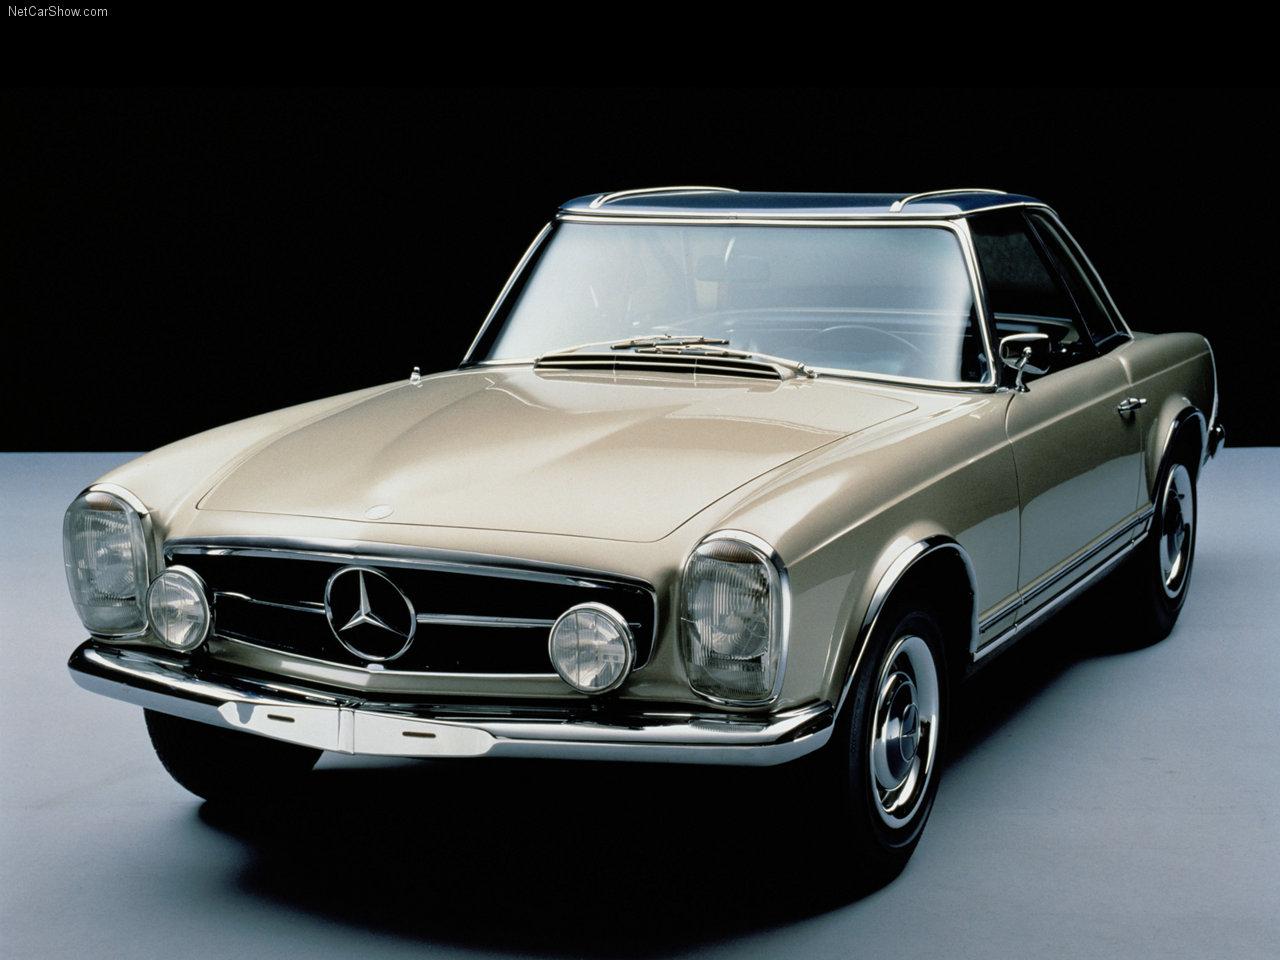 http://2.bp.blogspot.com/-8rNx6e6xcJI/Tyk2A0tTQGI/AAAAAAAAEbo/EDvt11v8AQ4/s1600/Mercedes-Benz-230_SL_Roadster_1963_1280x960_wallpaper_02.jpg